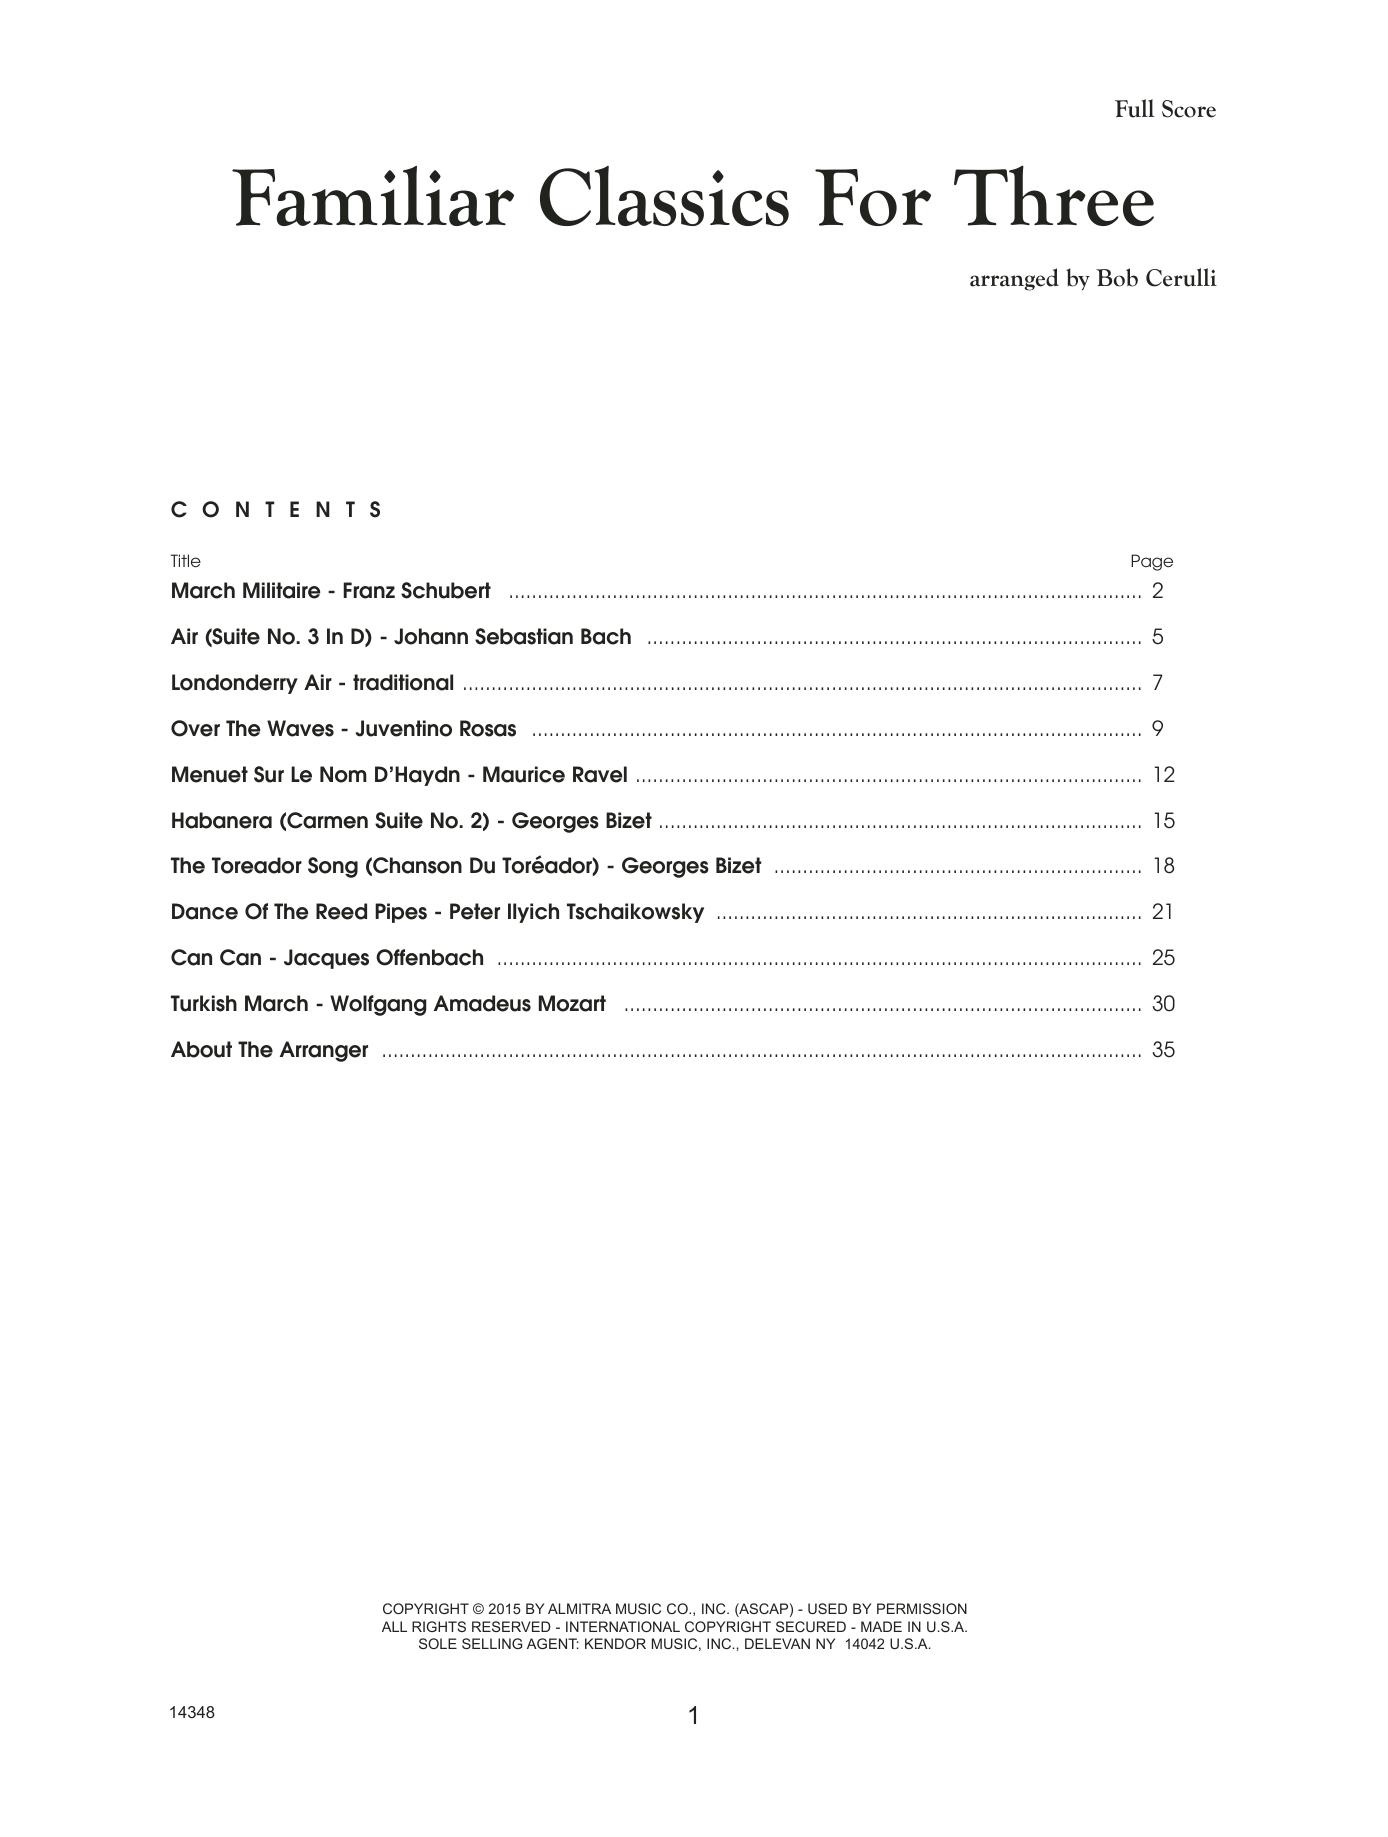 Bob Cerulli Familiar Classics For Three - Full Score sheet music notes printable PDF score